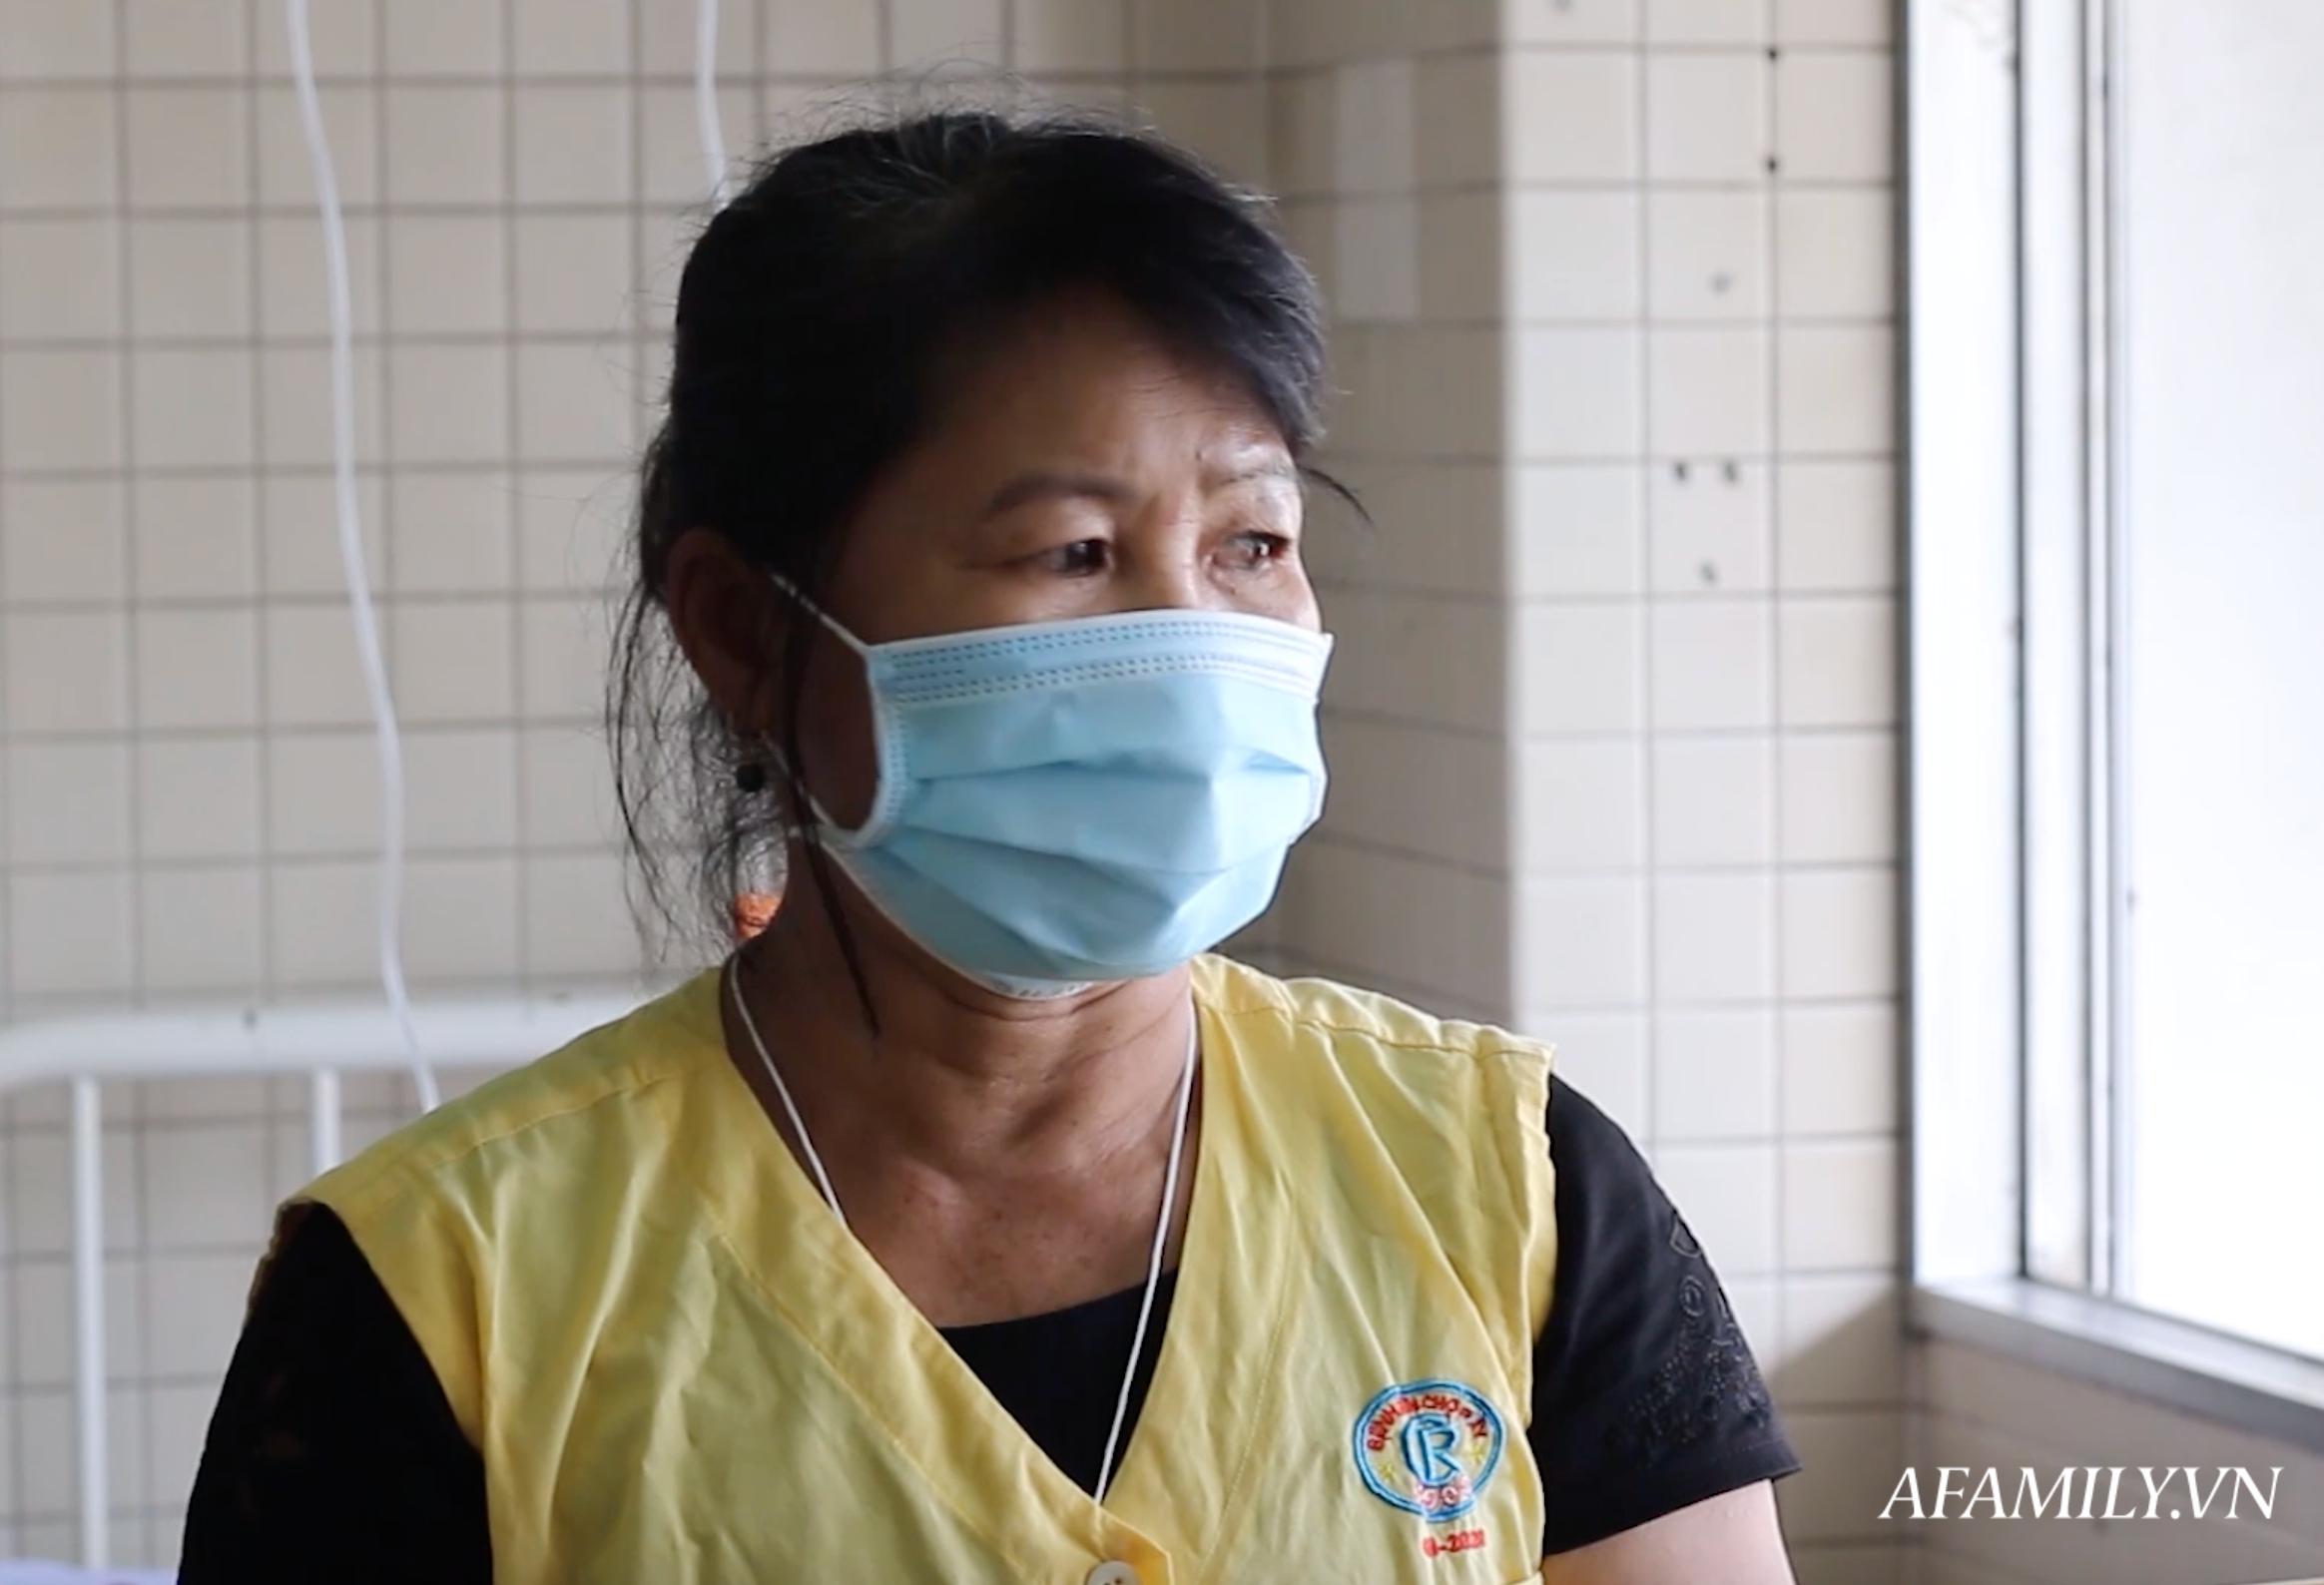 Kinh hoàng lời kể của mẹ thiếu niên bị chém đứt lìa chân phải sau vụ hỗn chiến ở Tây Ninh: Đạp thắng xe mới biết mất chân - Ảnh 3.